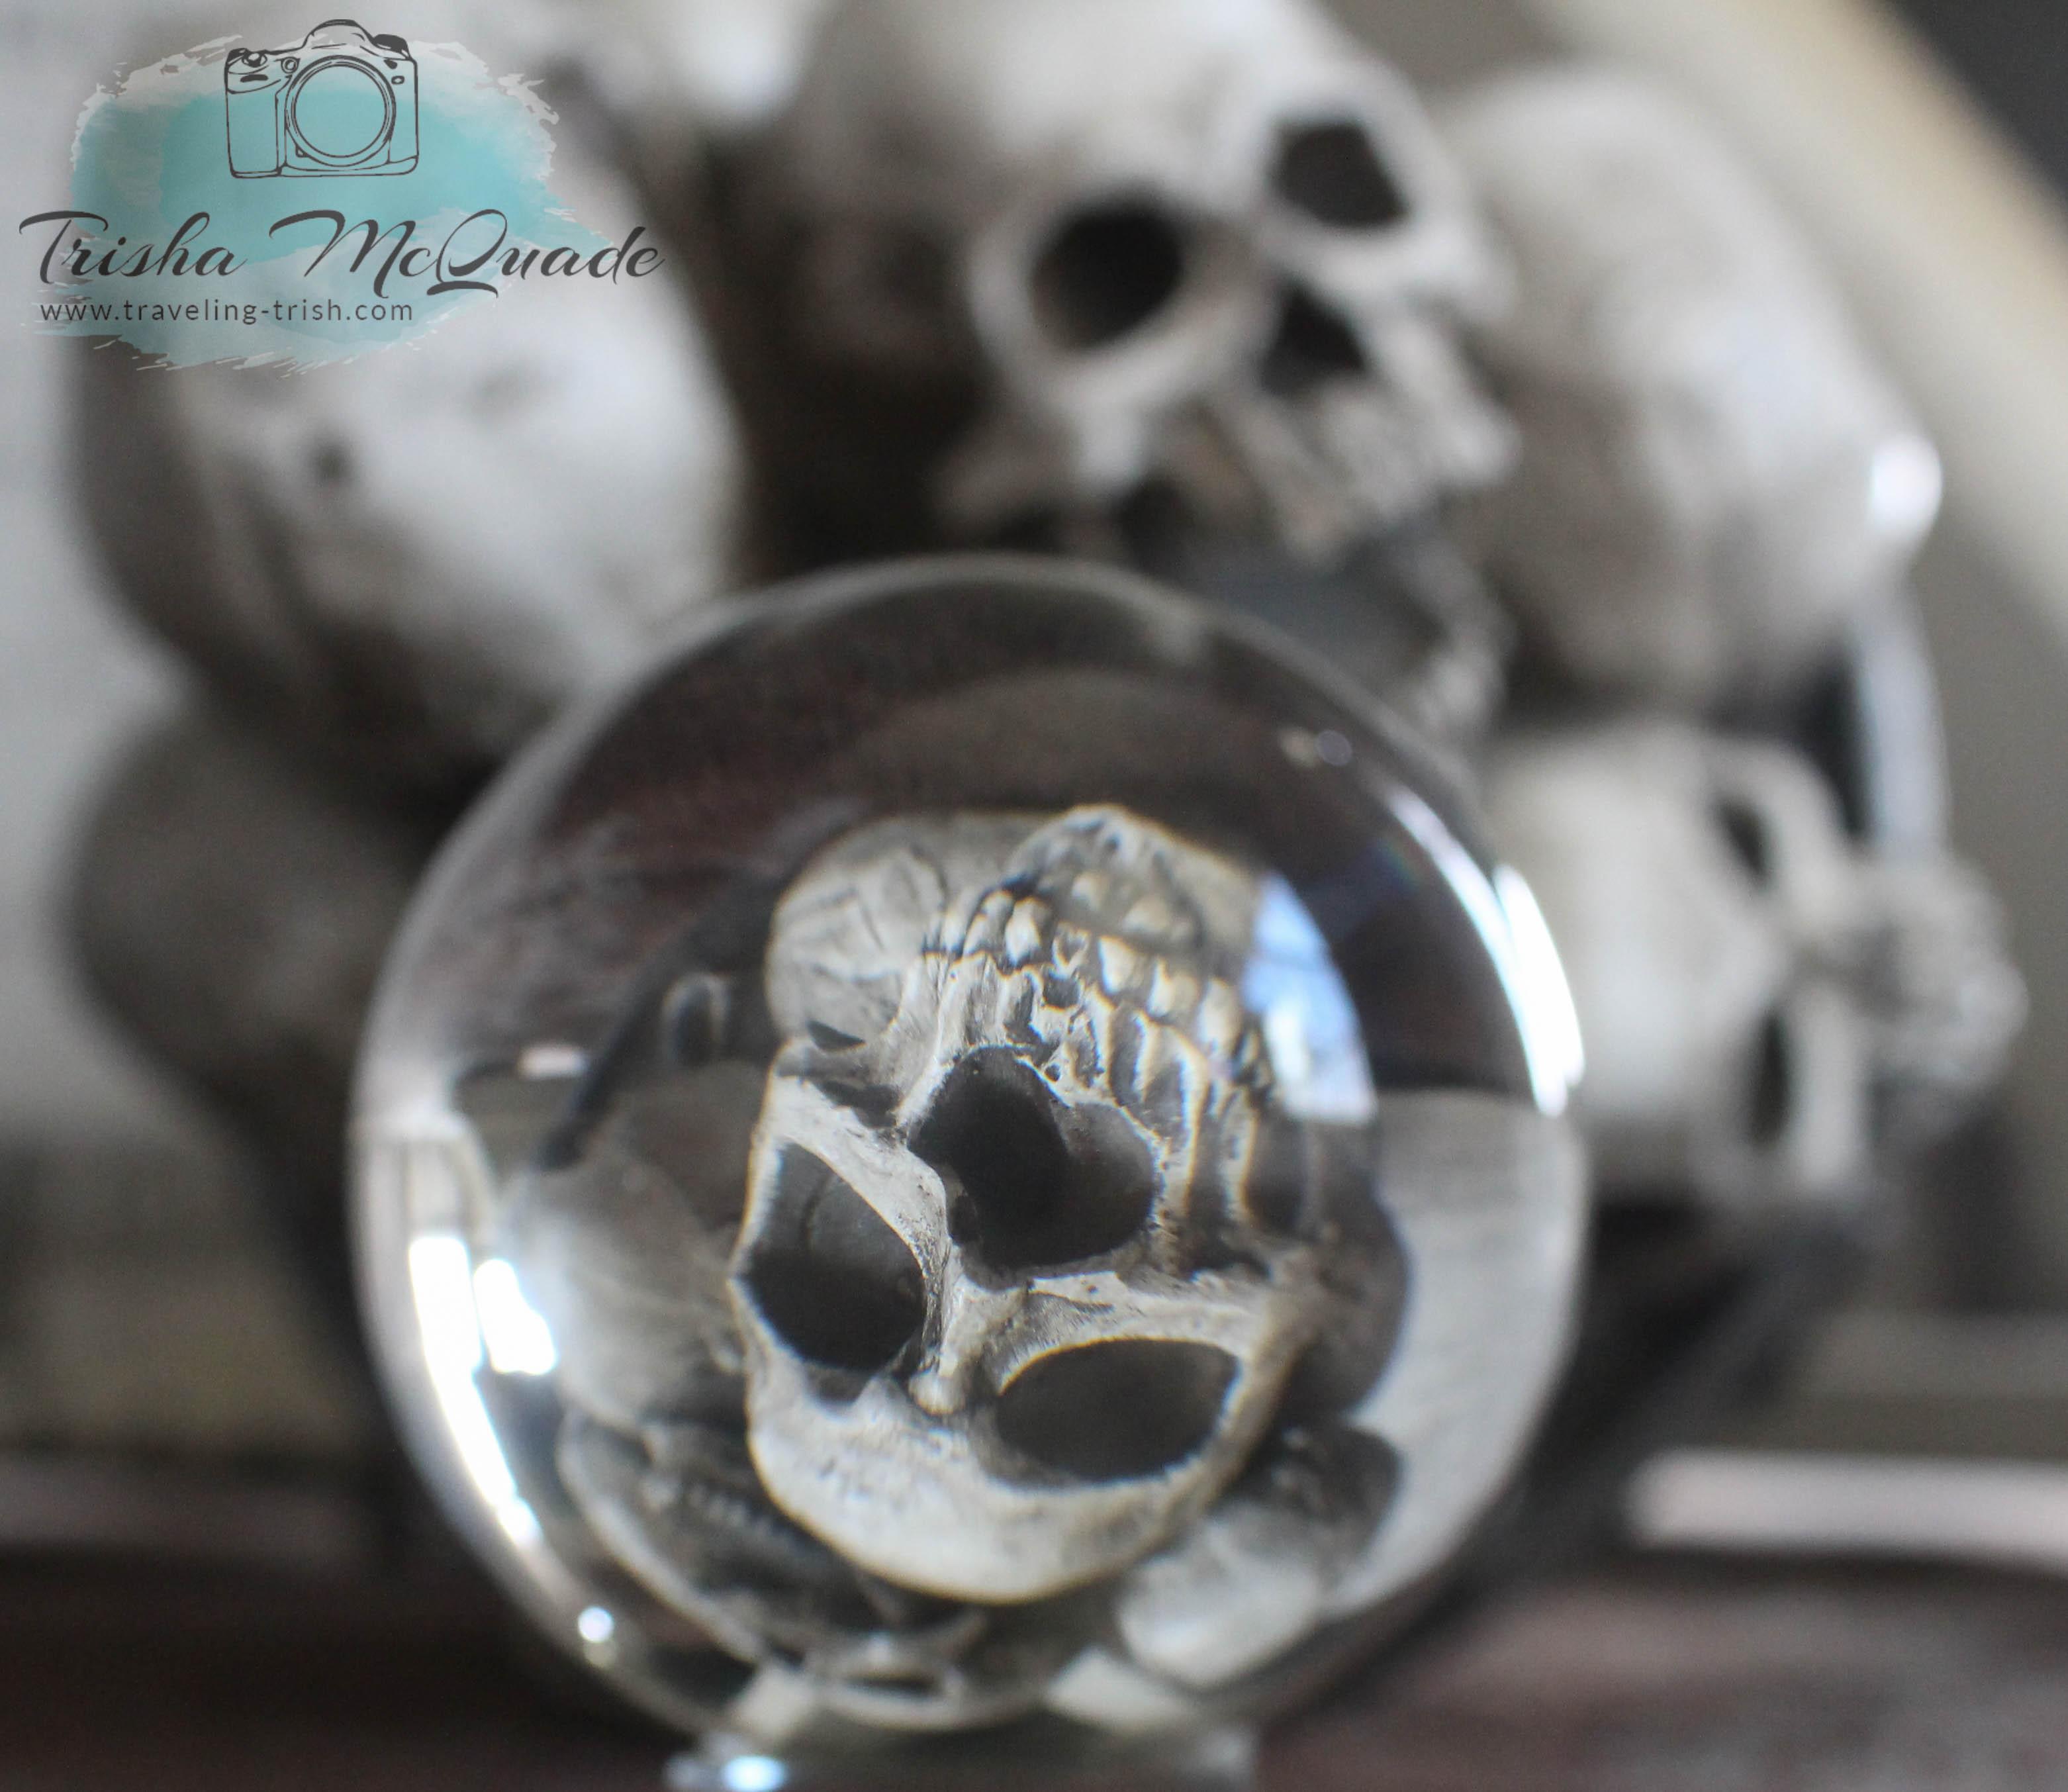 Crystal Ball Skulls